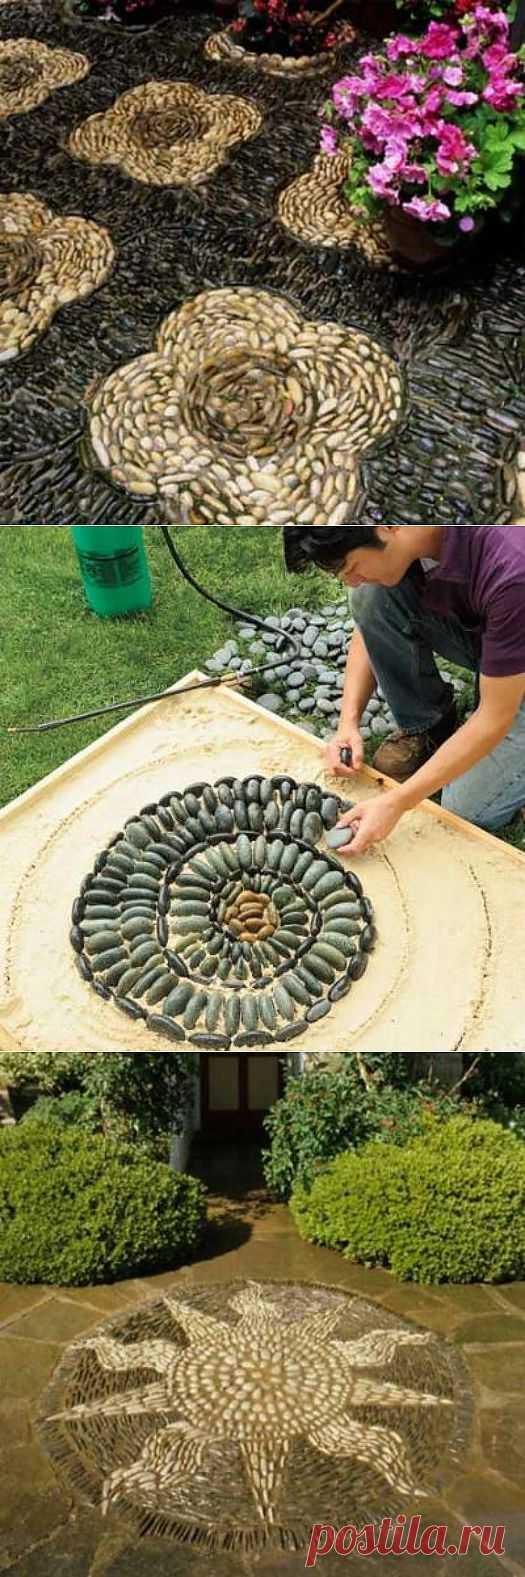 Как сделать мозаику из камня своими руками. Мастер-класс.